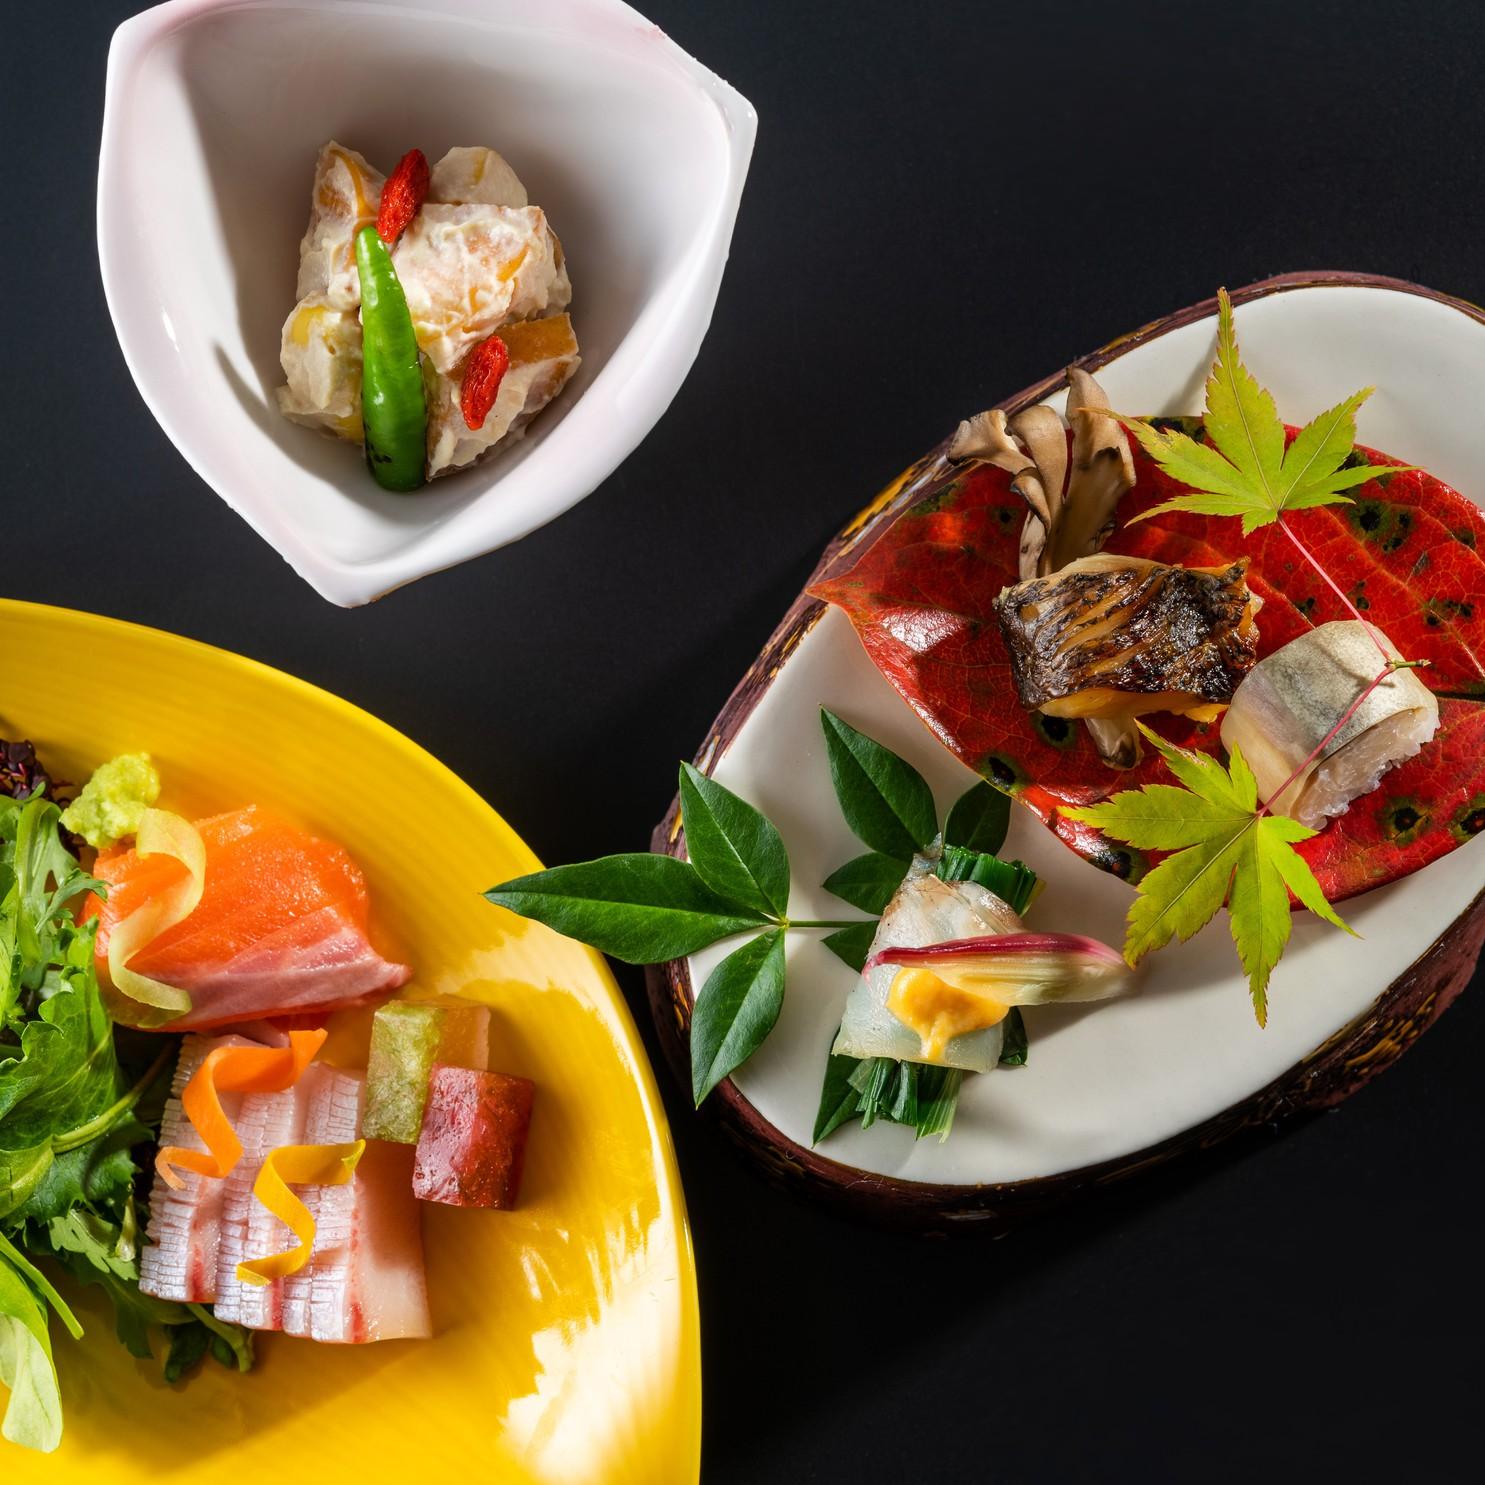 信州黄金シャモと信州ハーブ鶏の水炊き 料理一例